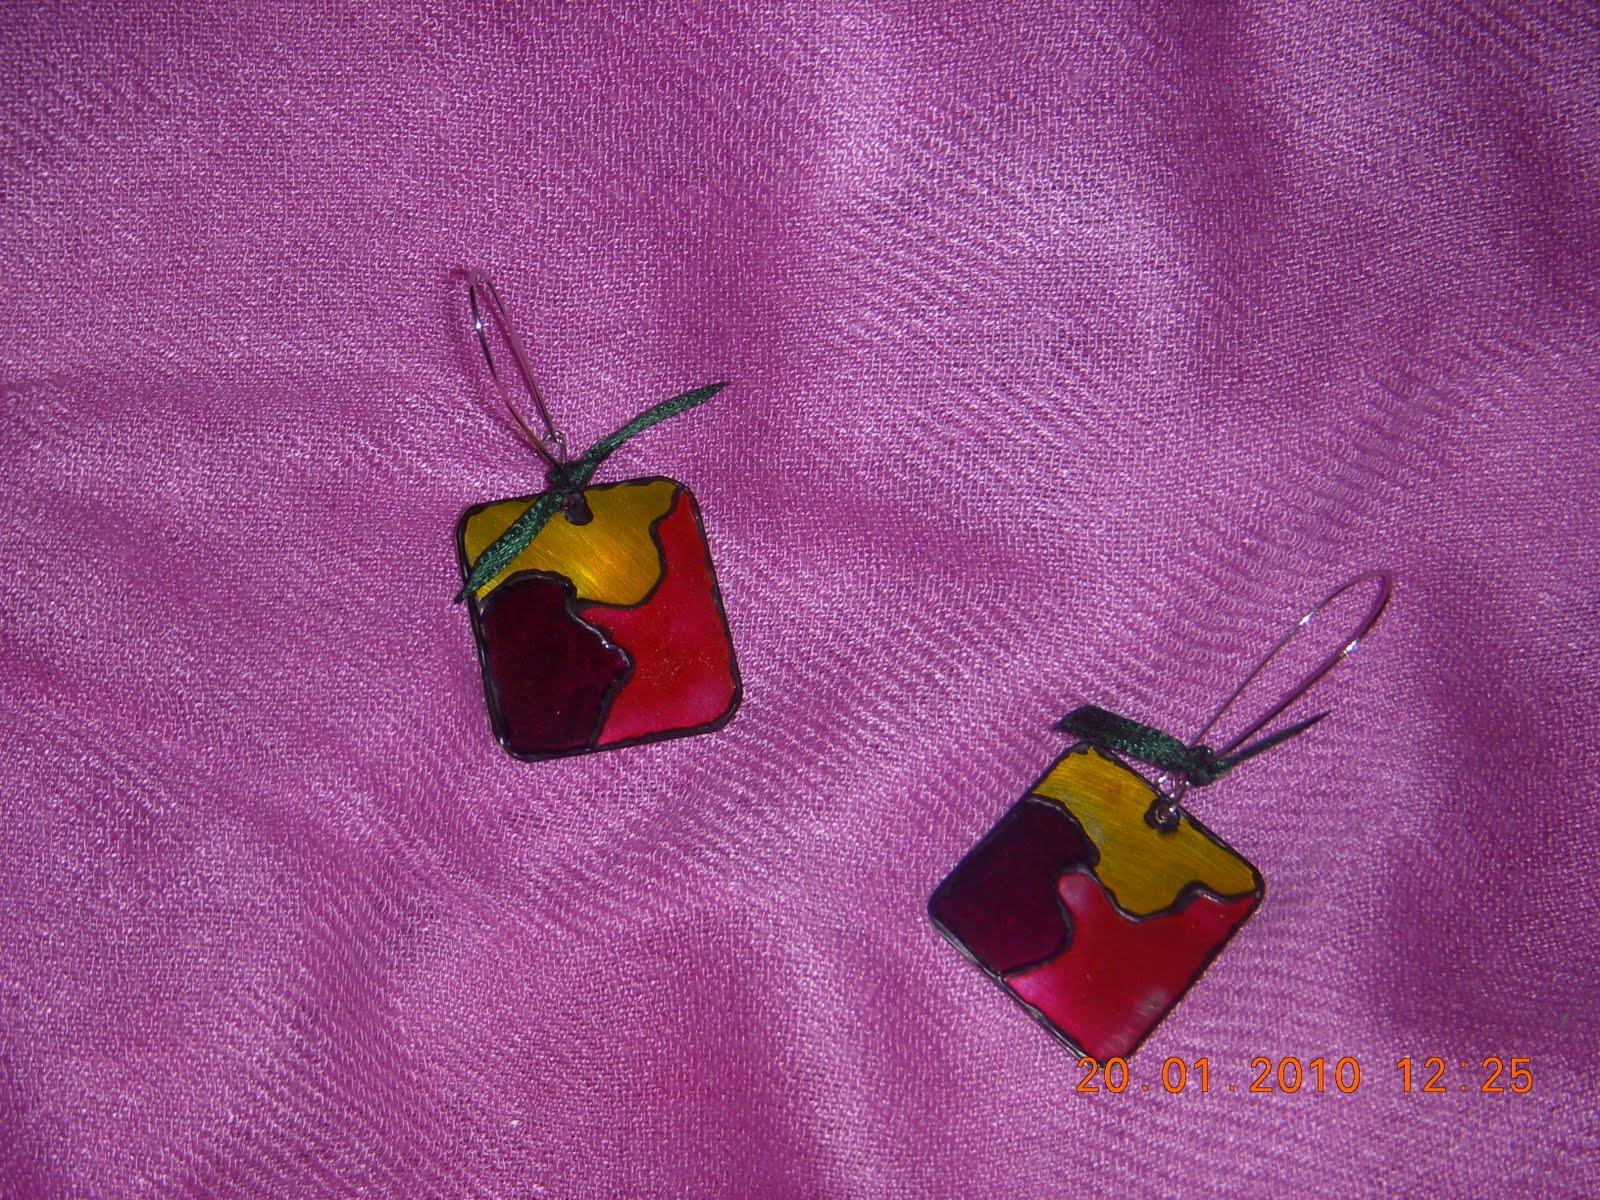 Αυτά τα σκουλαρίκια είναι φτιαγμένα από μέταλλο αλπακά। Το μέταλλο το έχω  κόψει σε τετράγωνα κομμάτια και τα έχω βάψει με σμάλτο σε ροζ μωβ και  κίτρινα ... b08e7b10b63